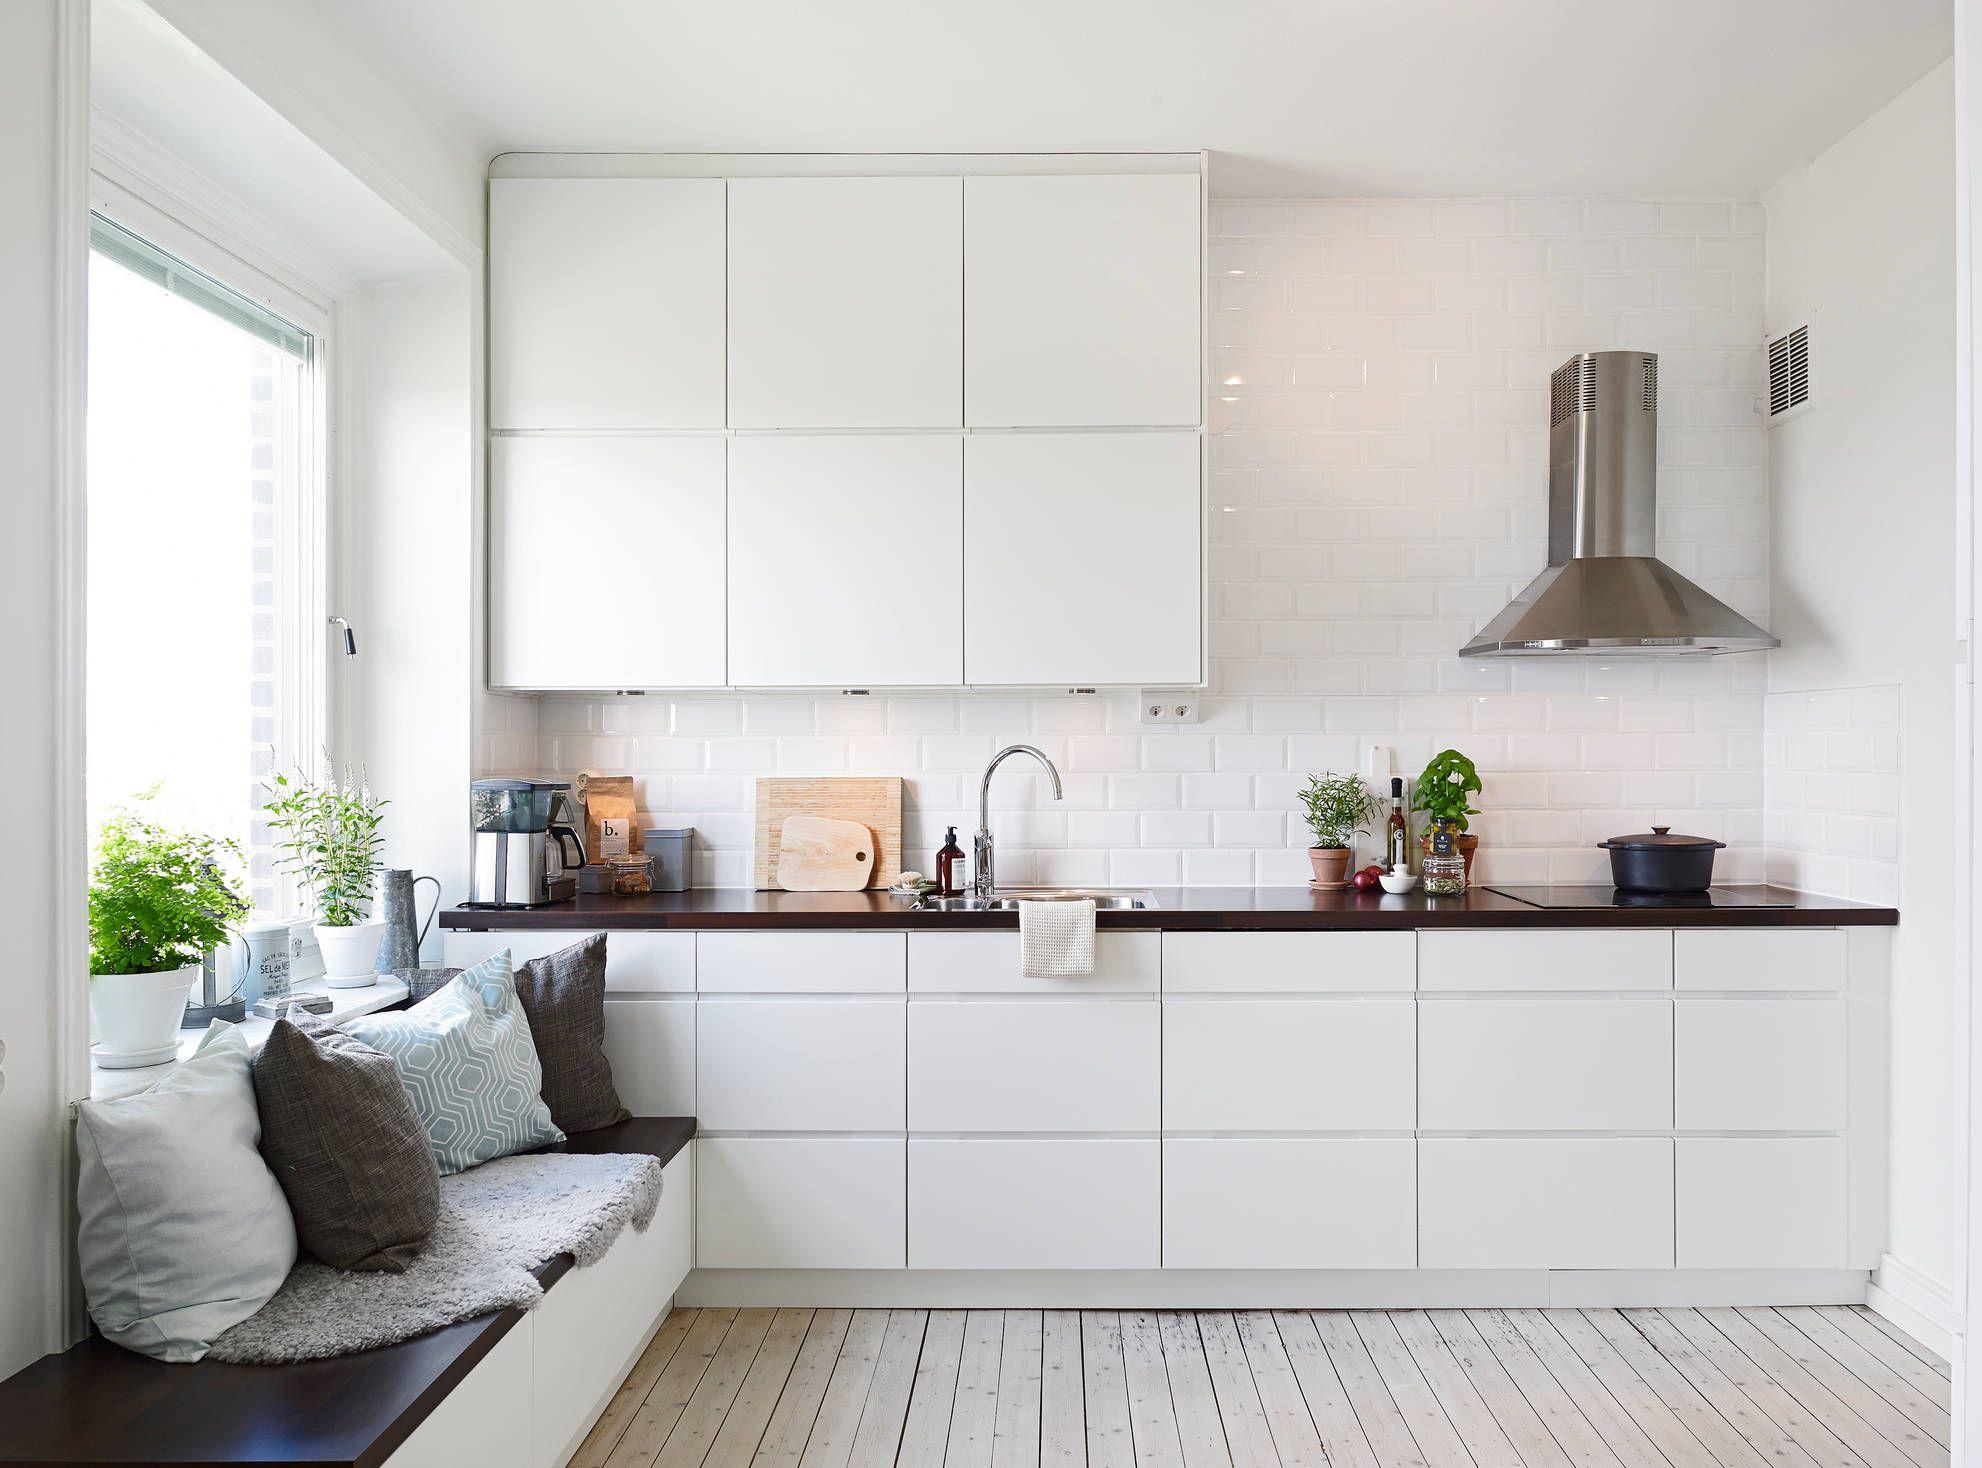 white sleek kitchen, subway tiles